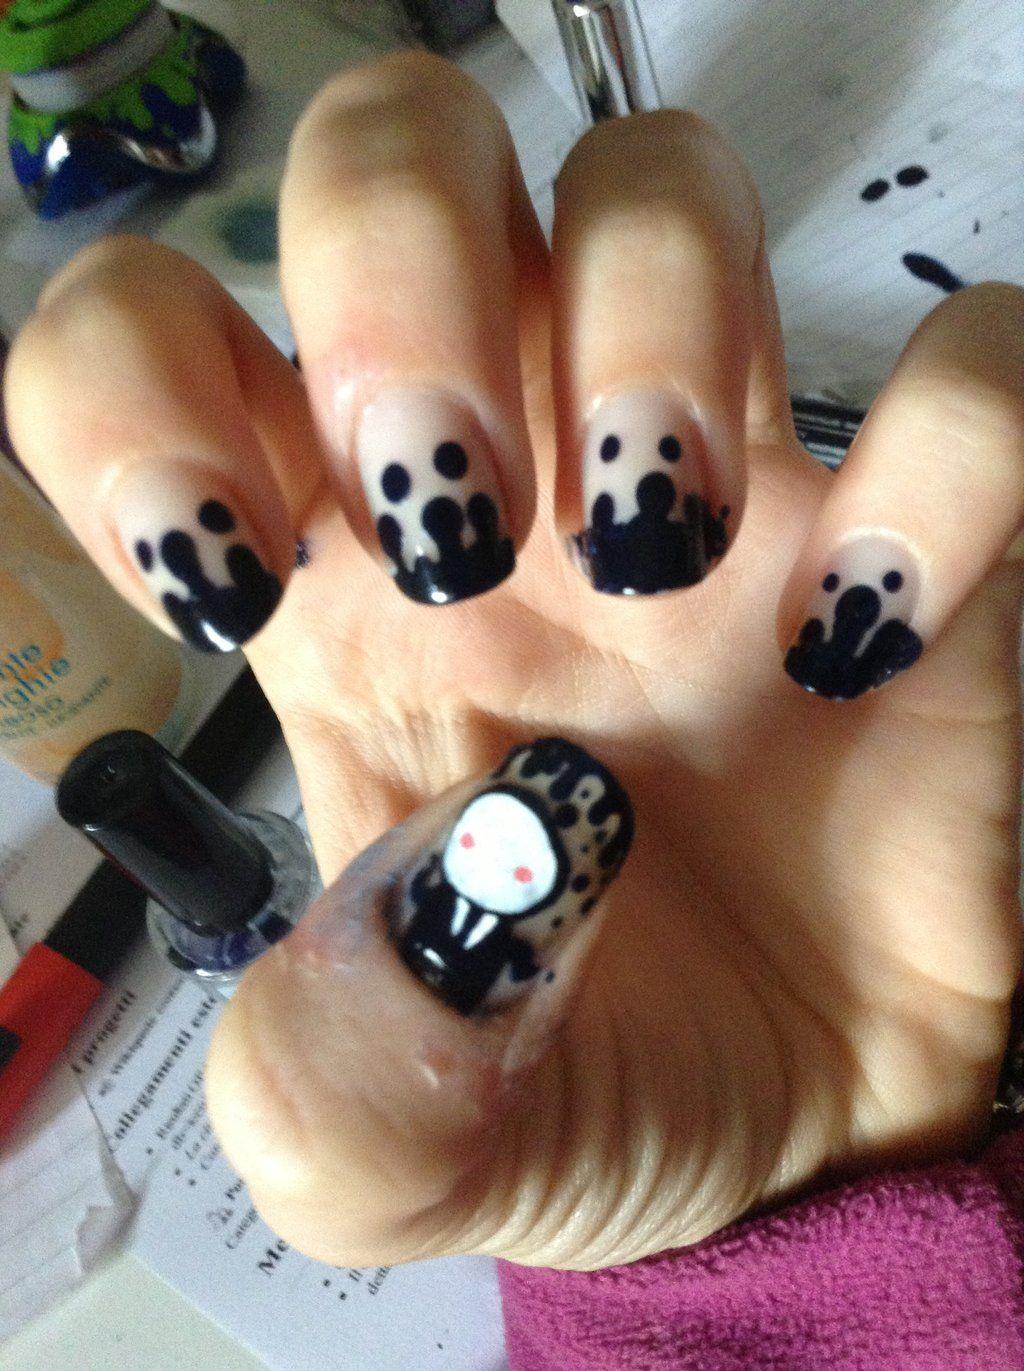 Slenderman Nail Art by BeelzyButh   Creepypasta   Pinterest